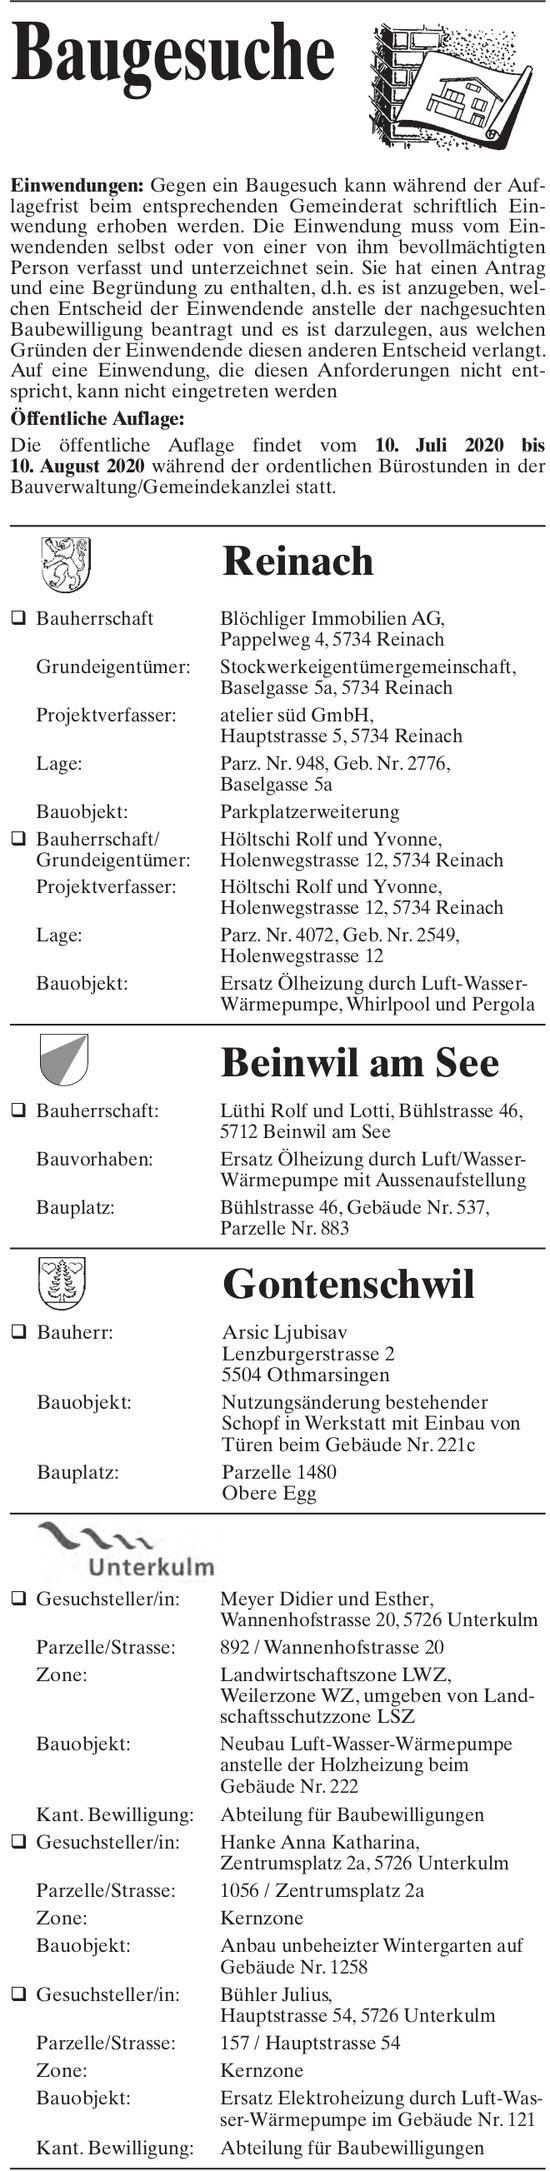 Baugesuche - Reinach,  Beinwil am See,  Gontenschwil & Unterkulm